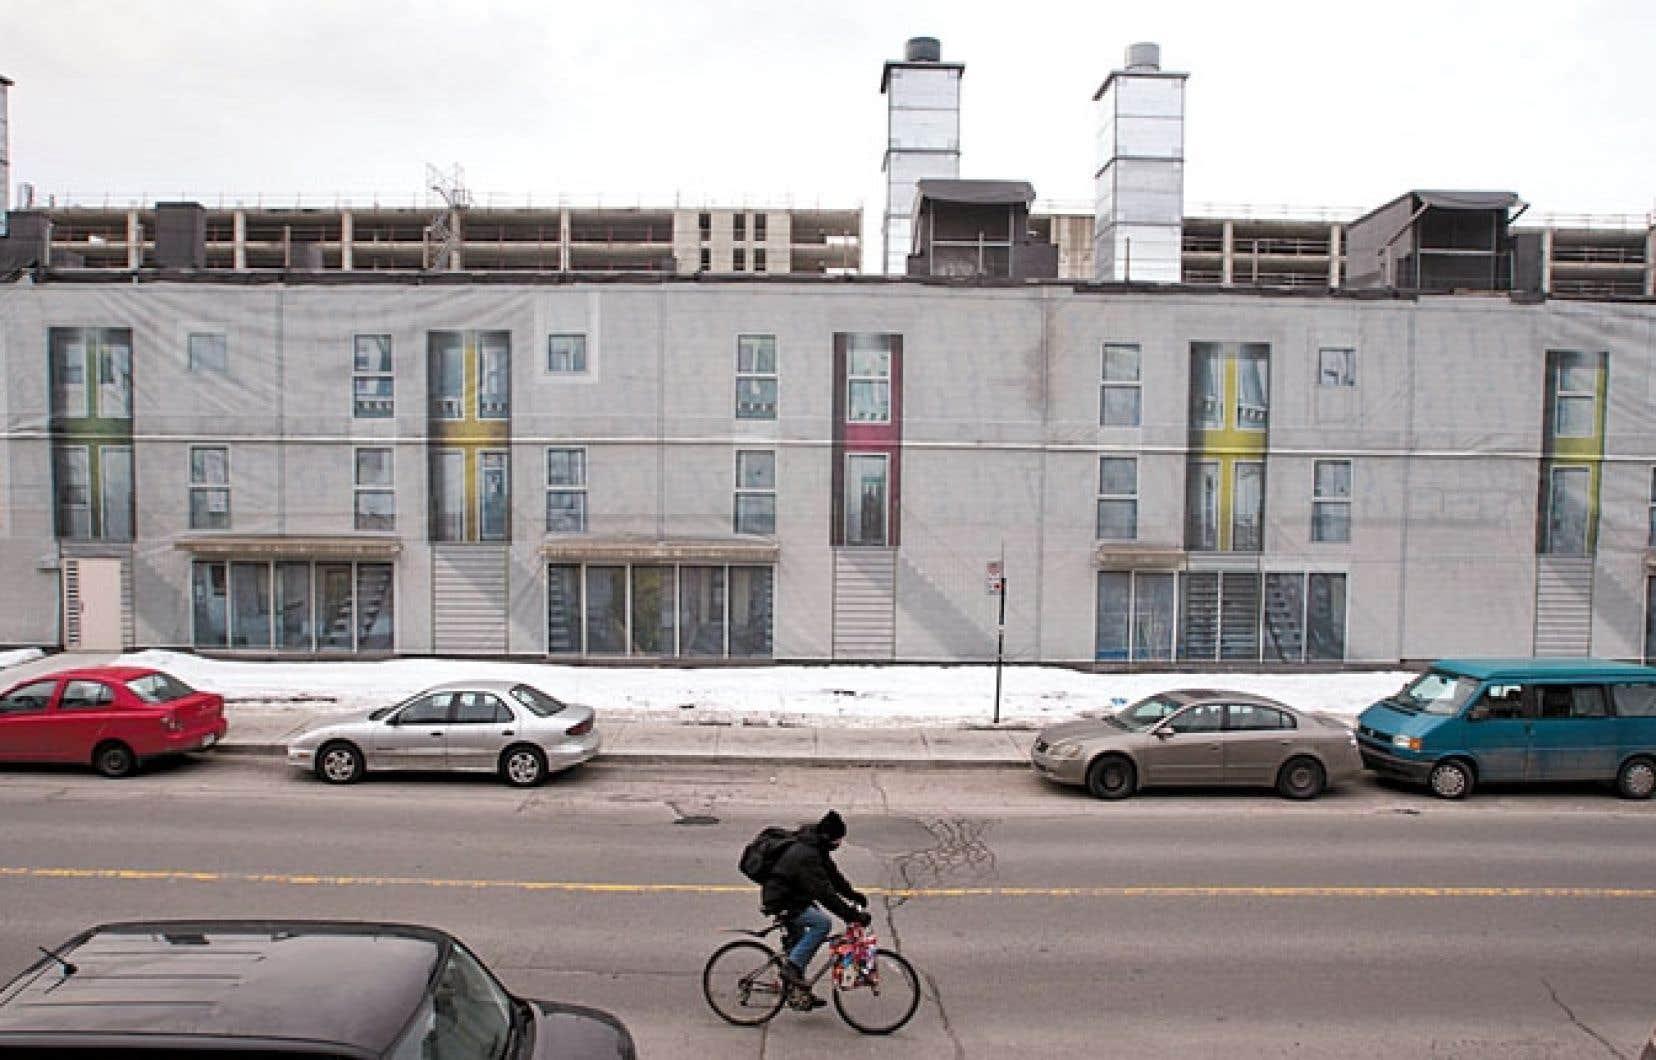 La structure de l'îlot Voyageur située rue Saint-Hubert, masquée par une fausse façade créant l'illusion d'une structure d'habitations, pourrait être récupérée en logements sociaux.